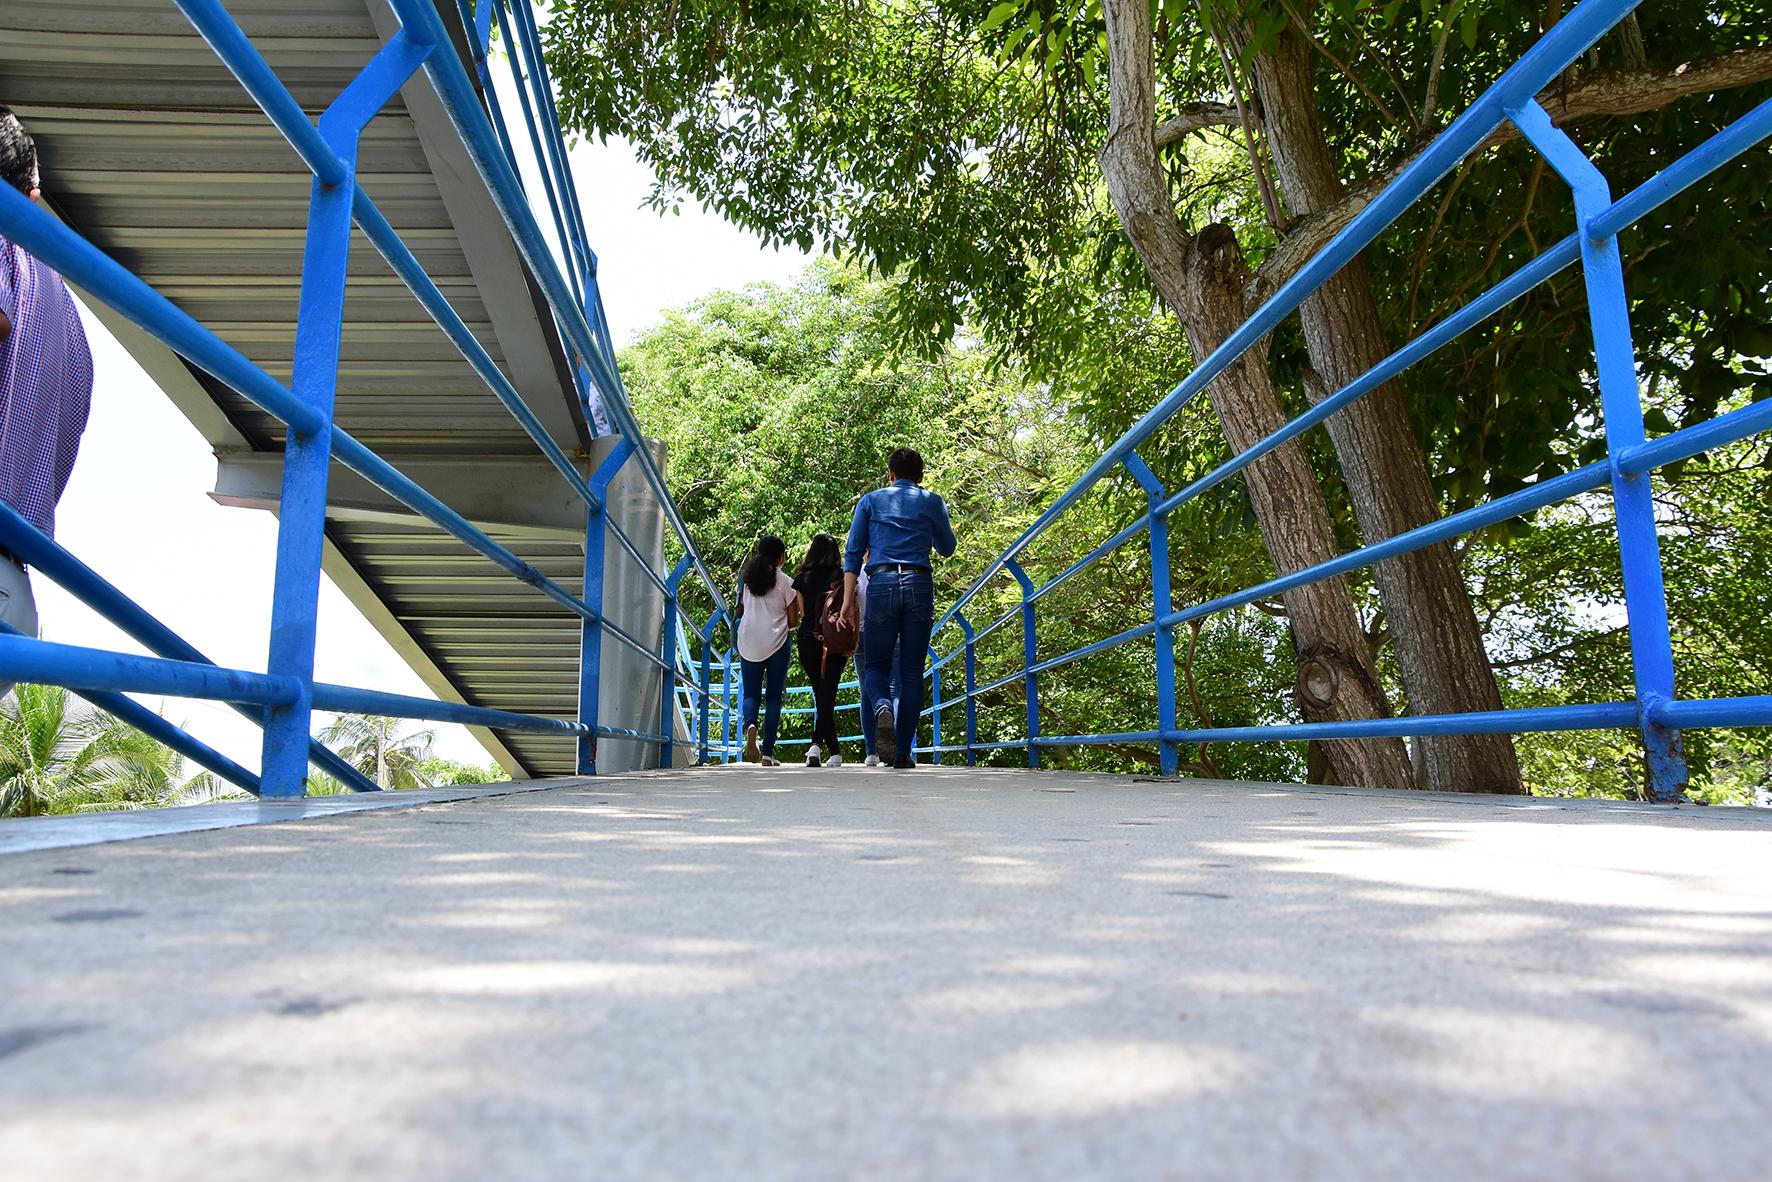 Estudiantes utilizando el puente peatonal de la Uninorte.